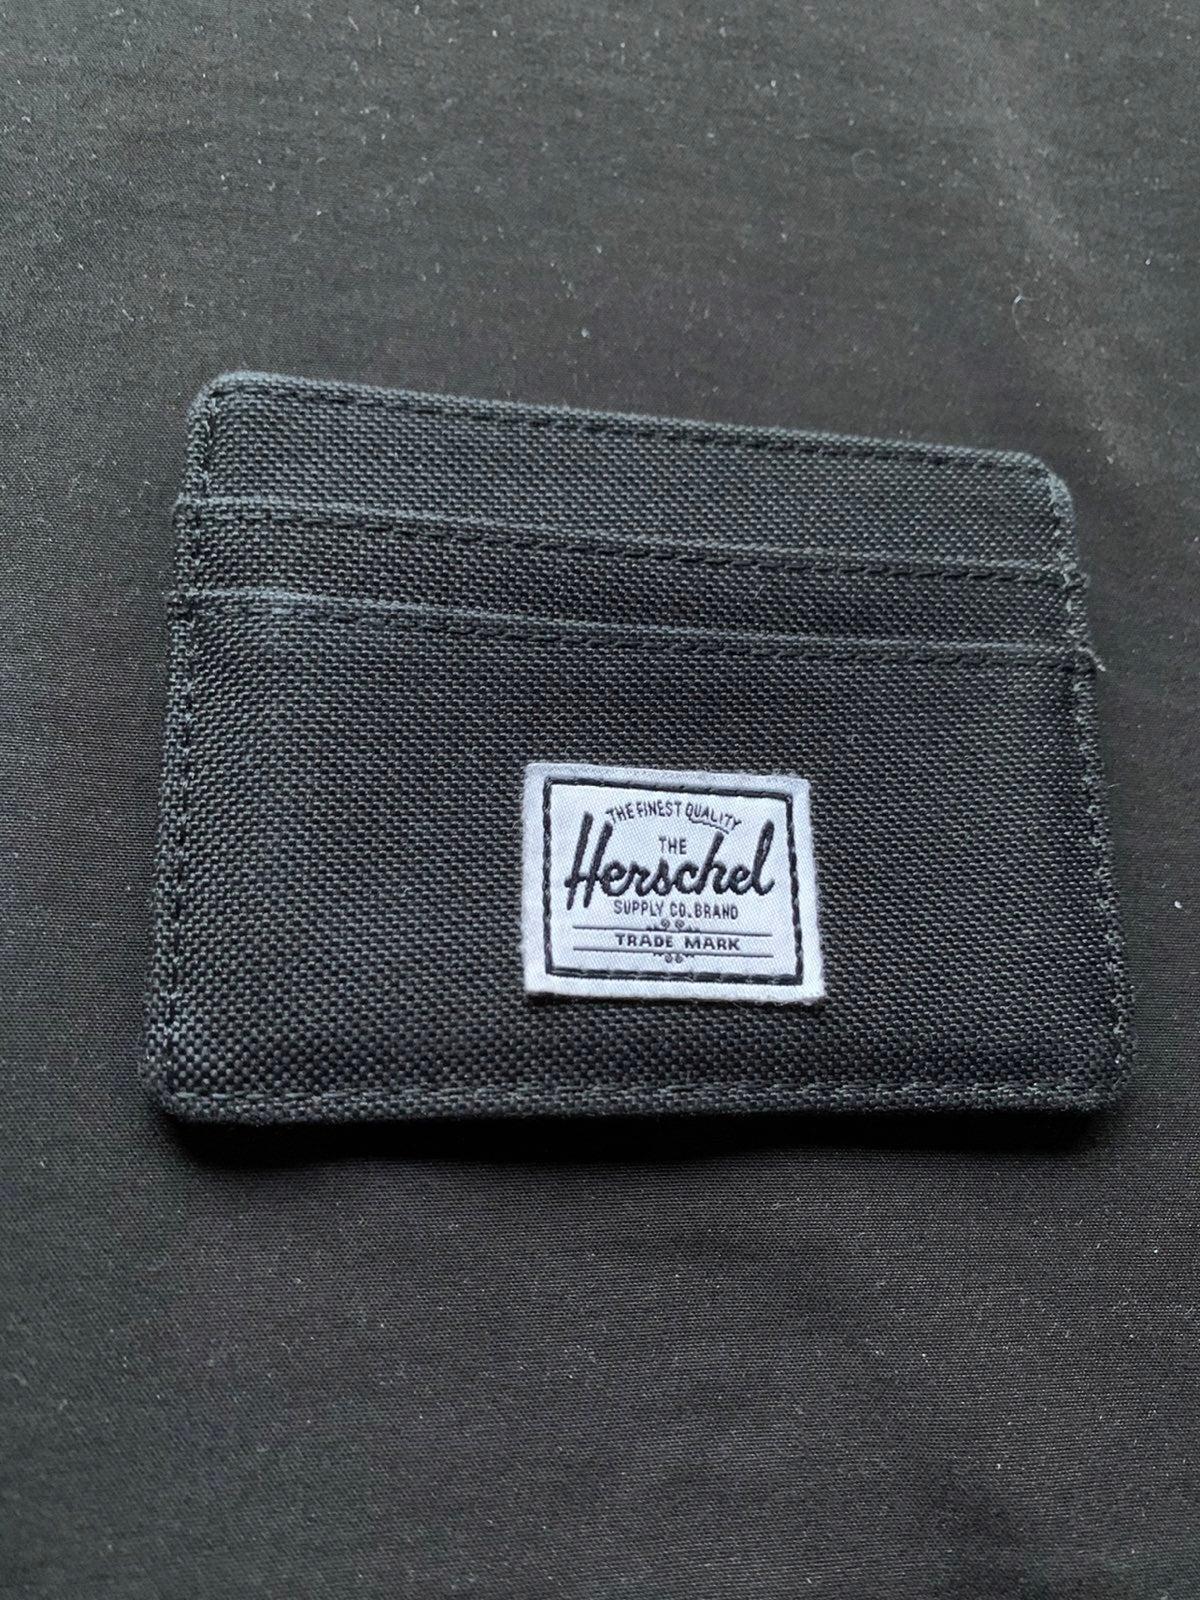 Herschel Cardholder